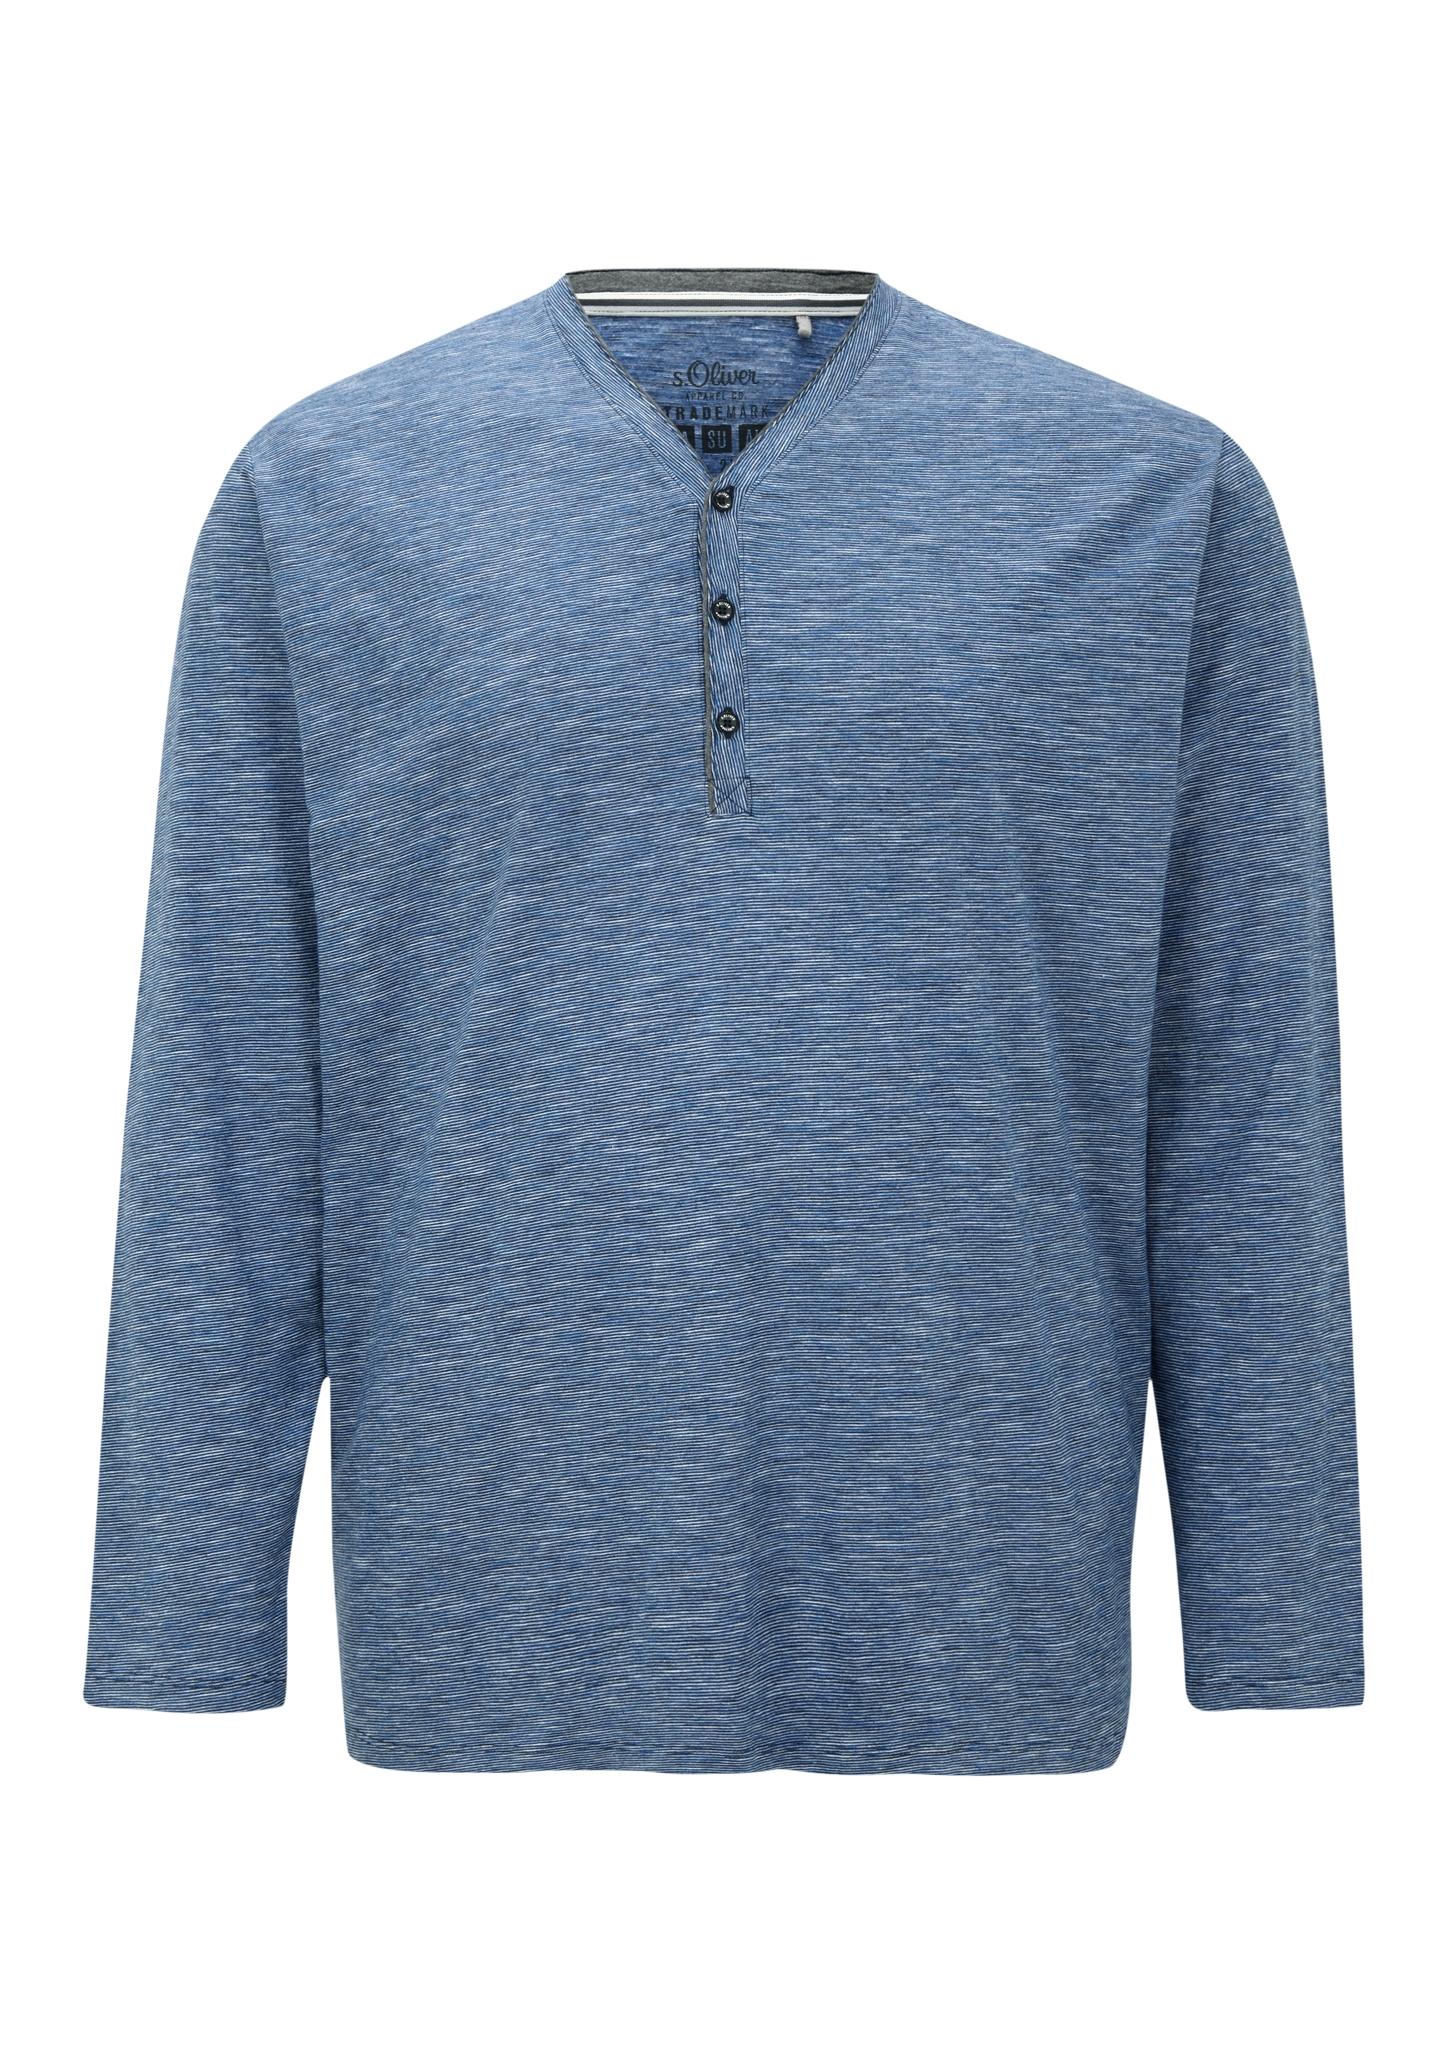 Langarmshirt   Bekleidung > Shirts > Langarm Shirts   Blau   100% baumwolle   s.Oliver Men Big Sizes